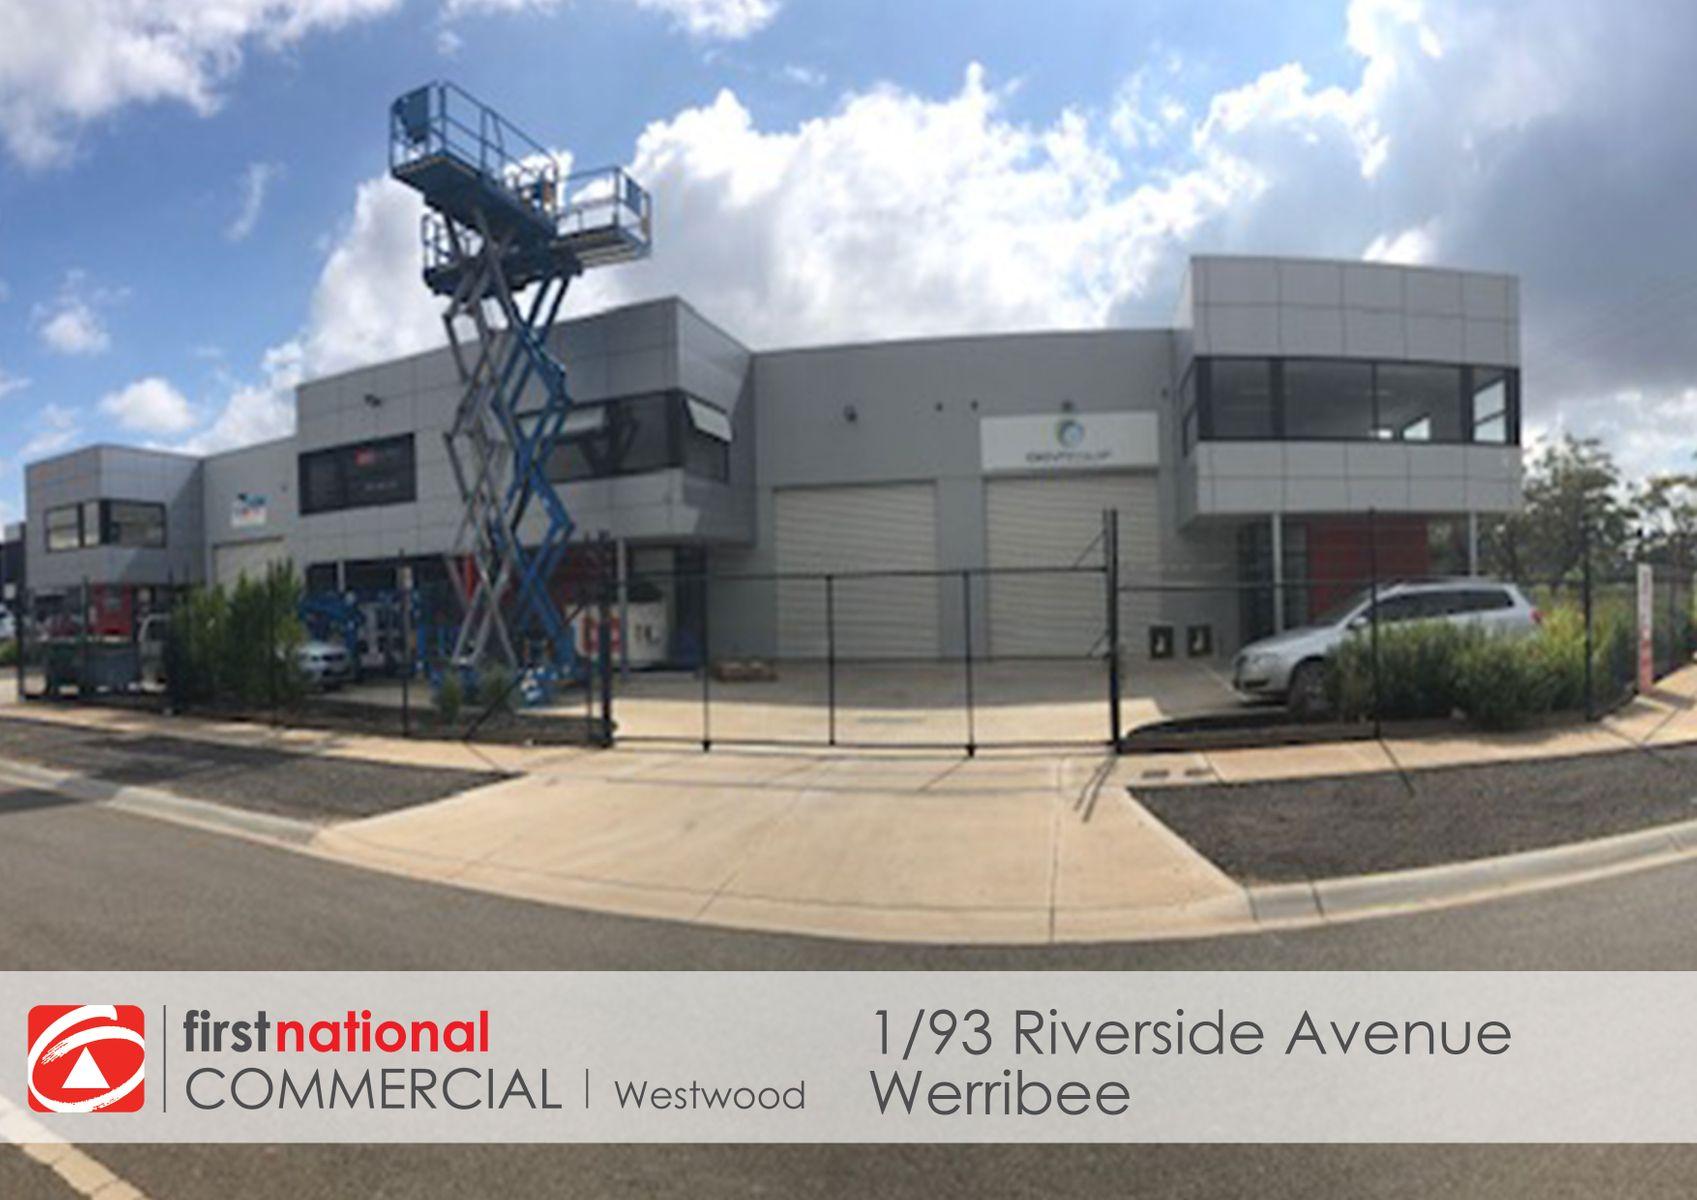 1/93 Riverside  Avenue, Werribee, VIC 3030